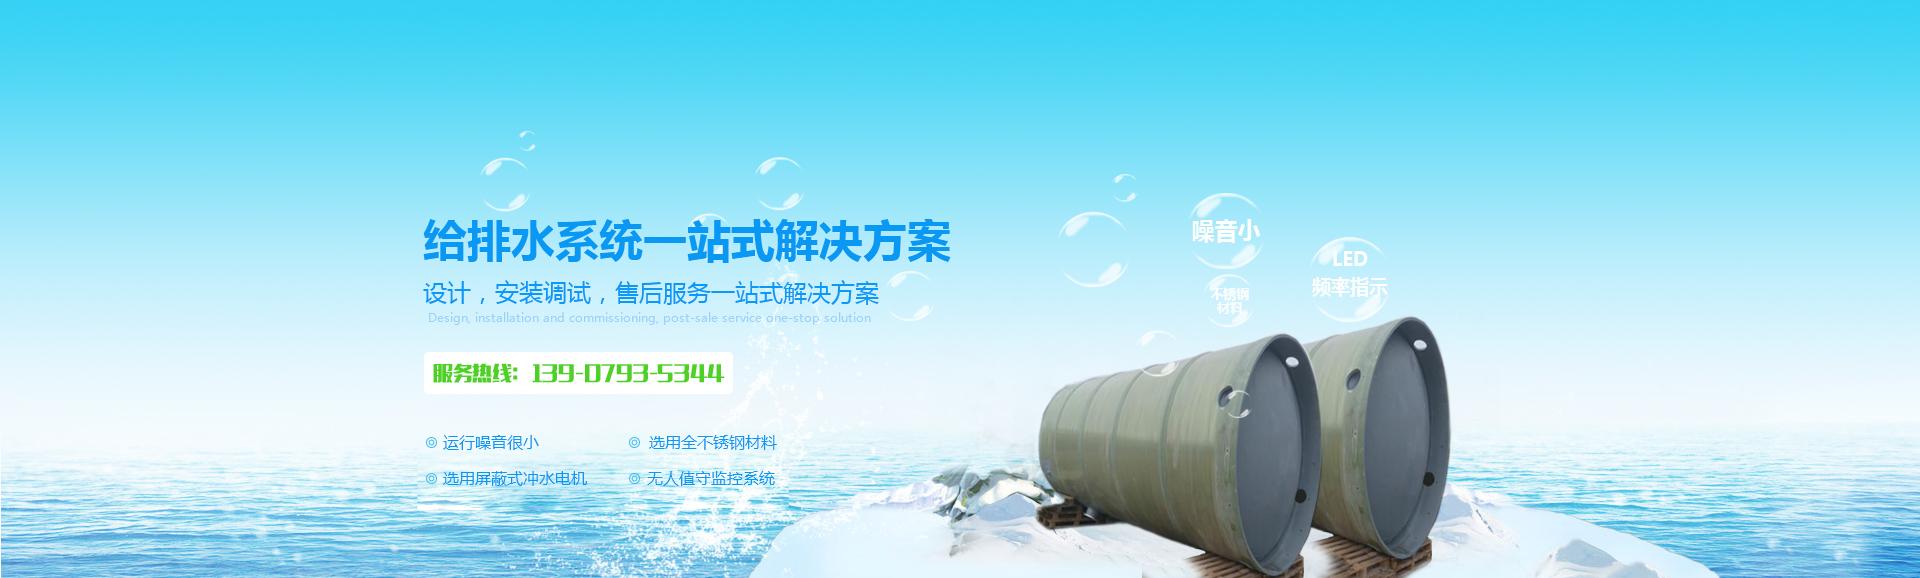 江西鑫源自动化设备有限公司